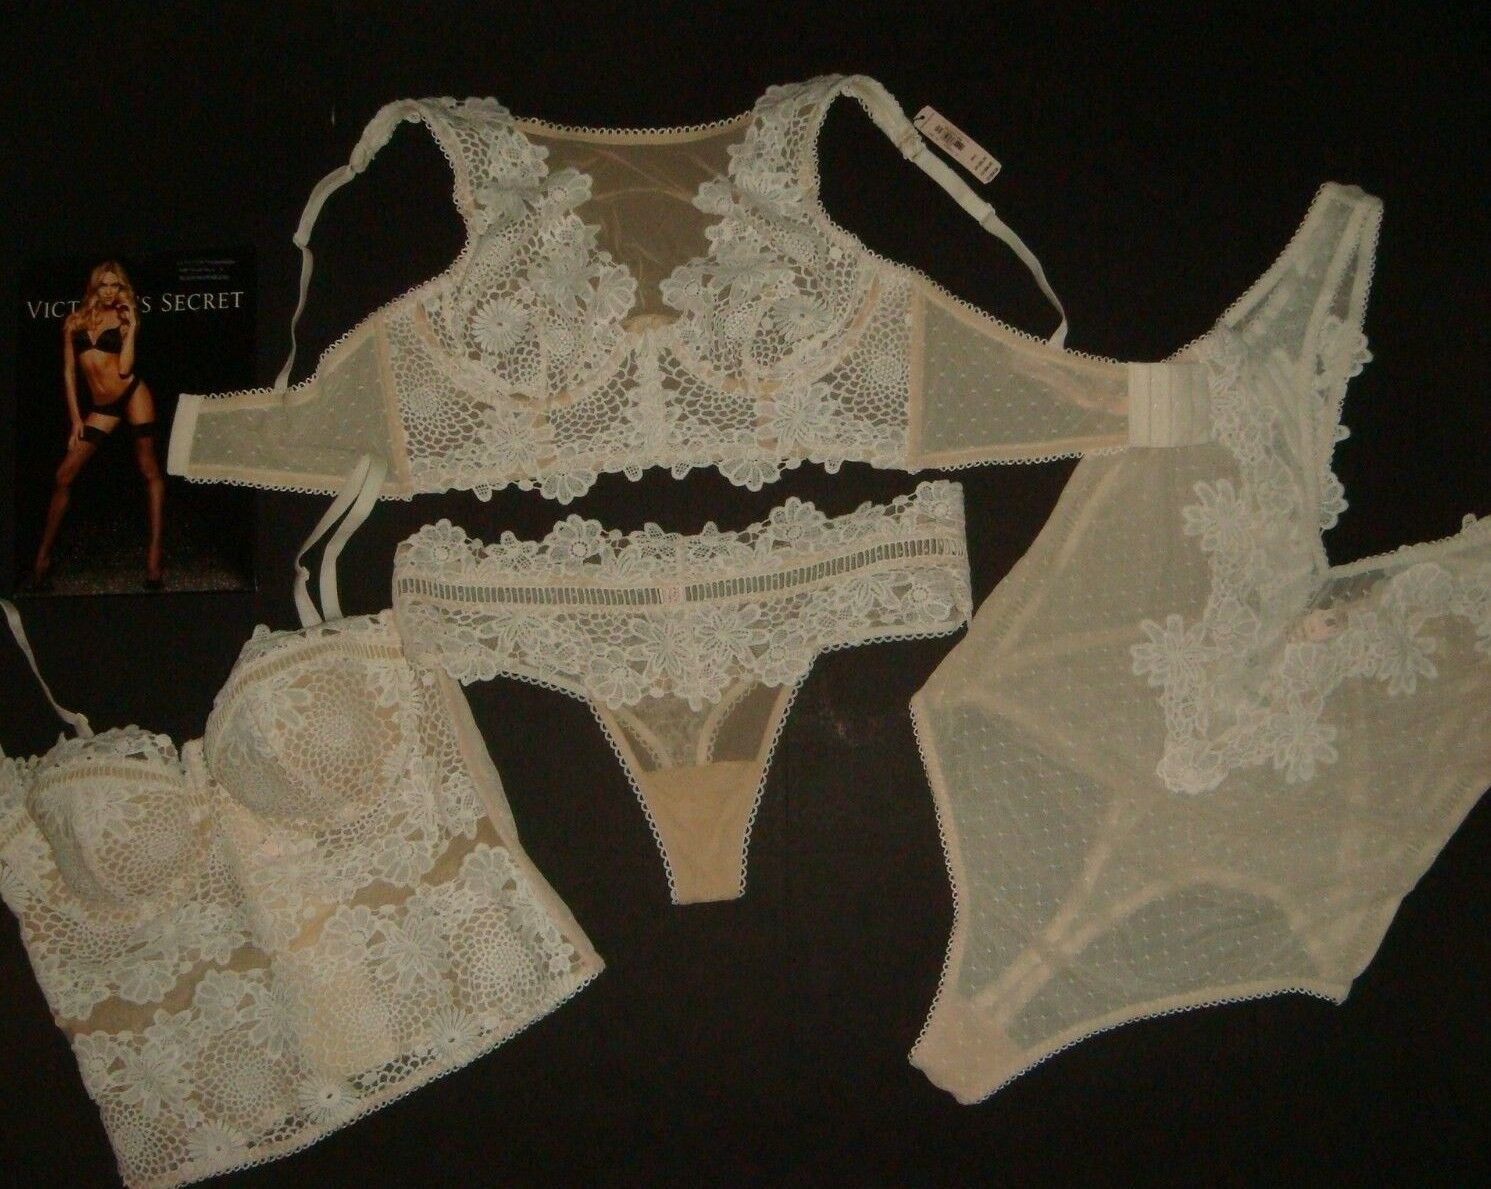 Nuevo con etiquetas Victoria& 039;s Secret 32B, 32C,  34D, 36C conjunto de sujetador corsé + + Peluche Beige blancoo Apliques  ahorra hasta un 80%